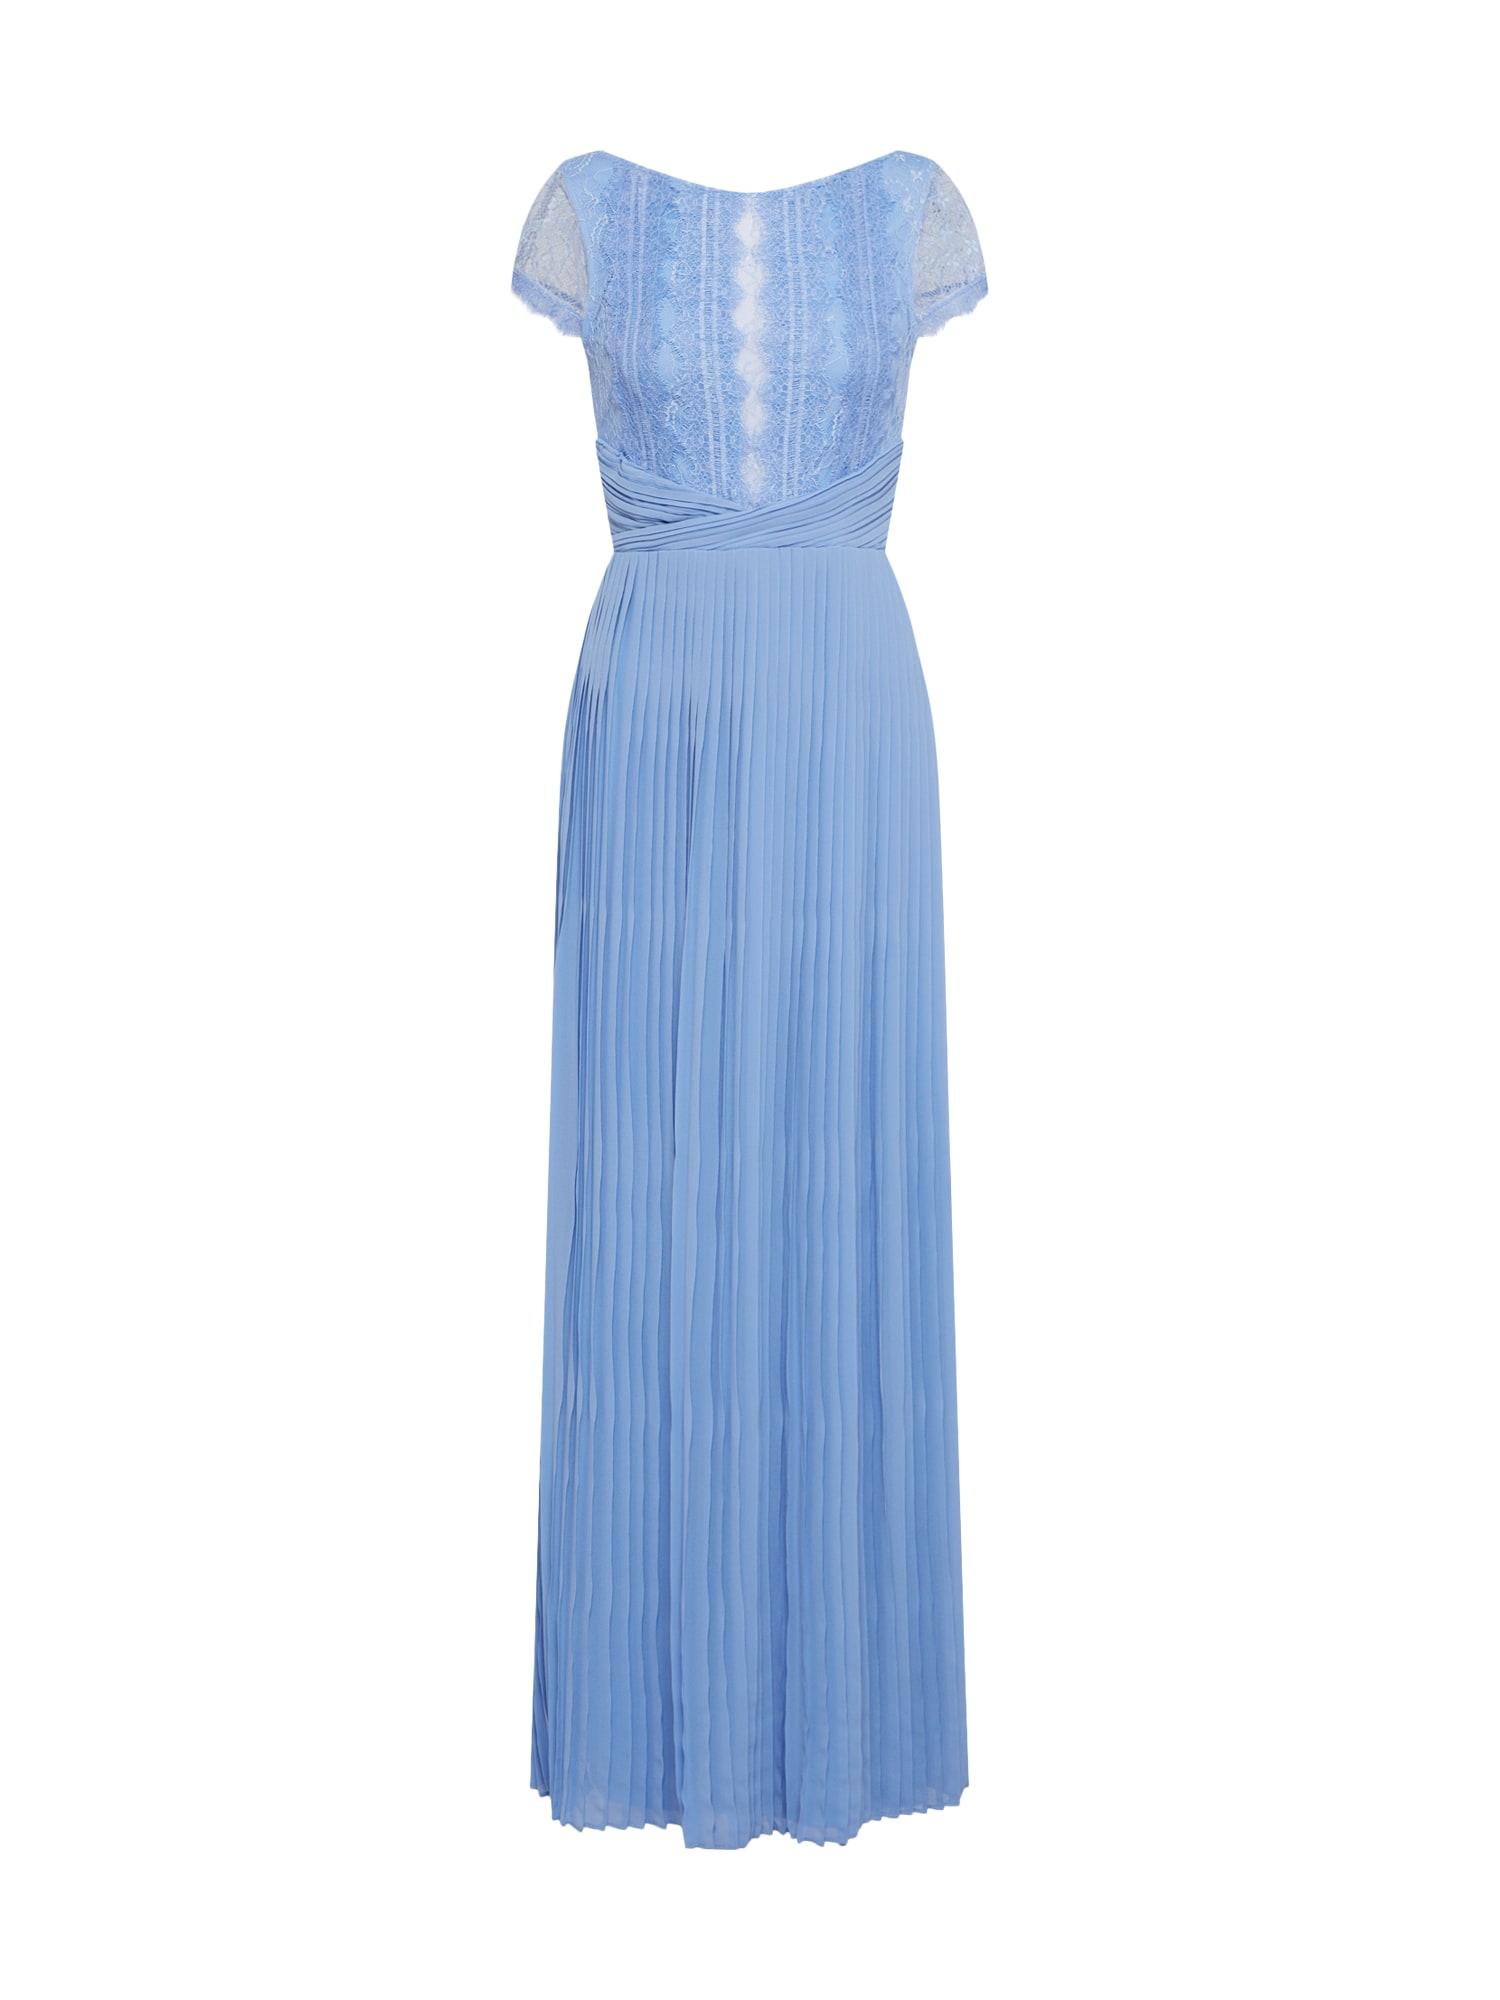 Společenské šaty KIMORA MAXI světlemodrá TFNC